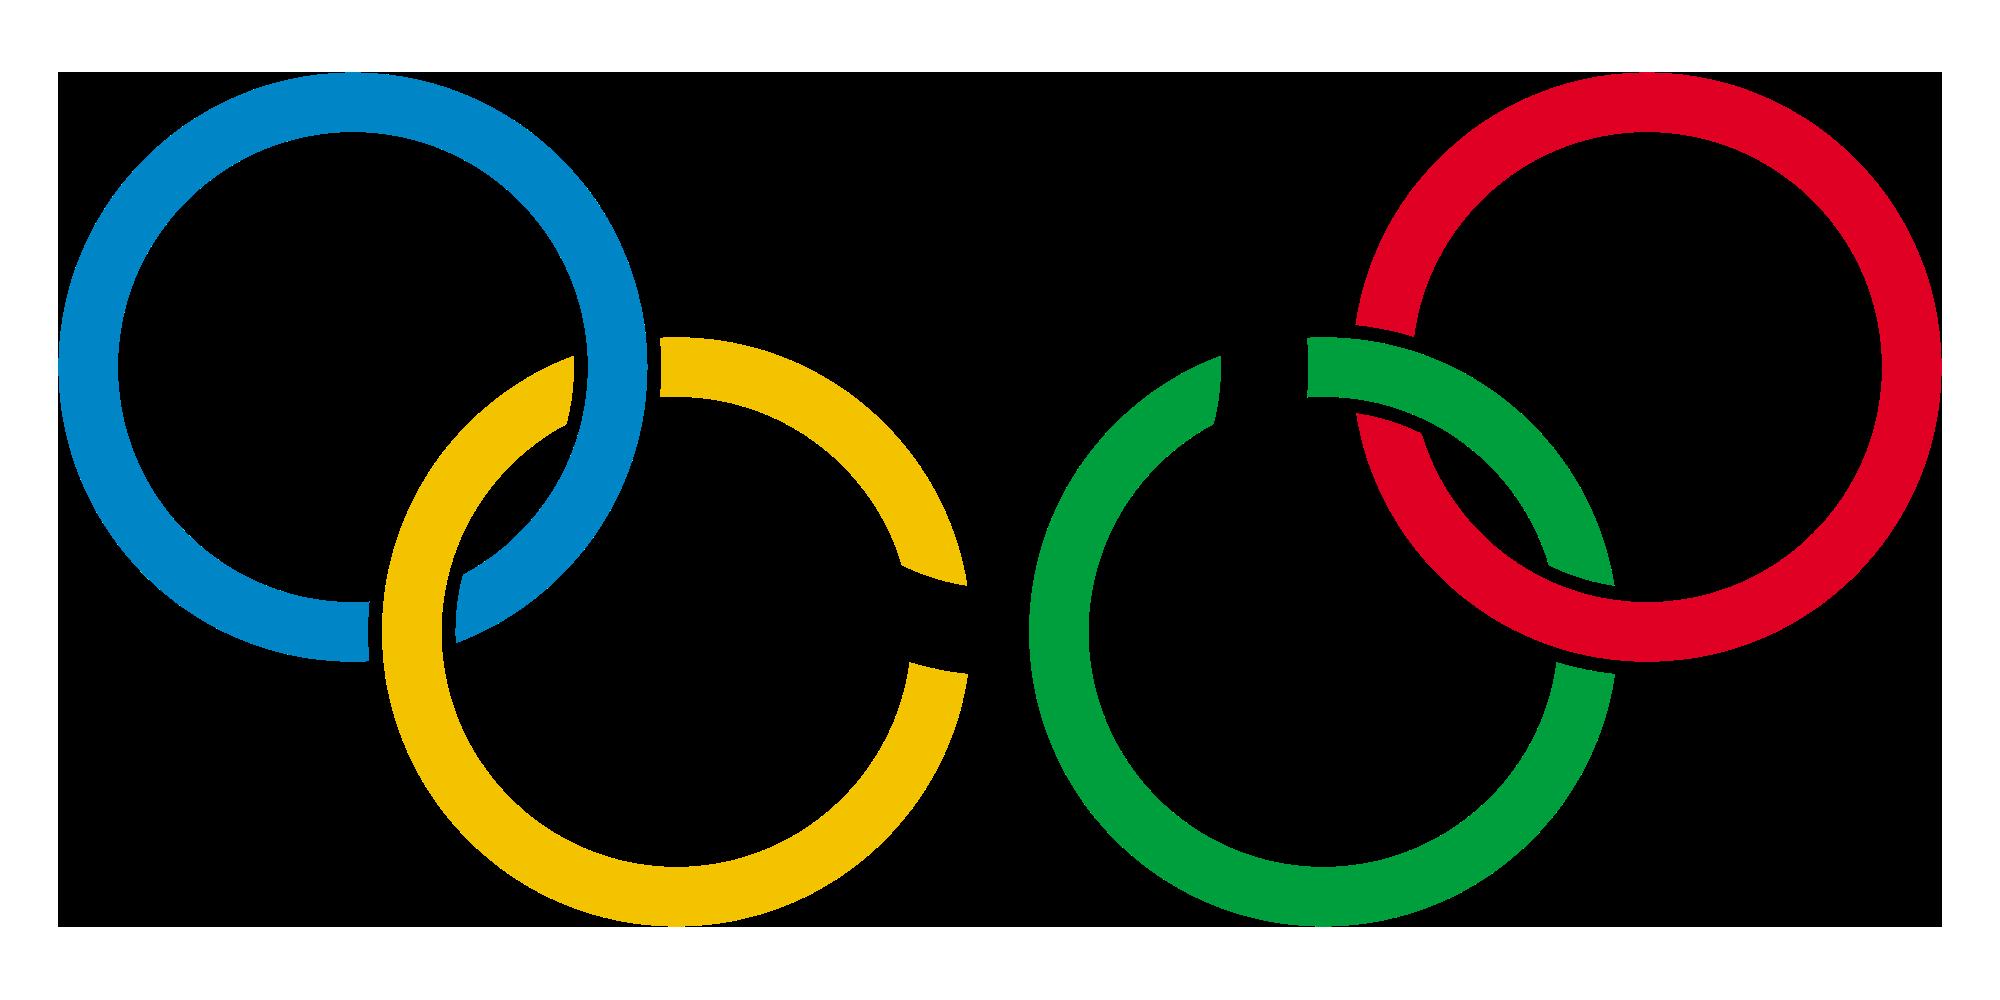 hình tròn trong thiết kế logo olympic